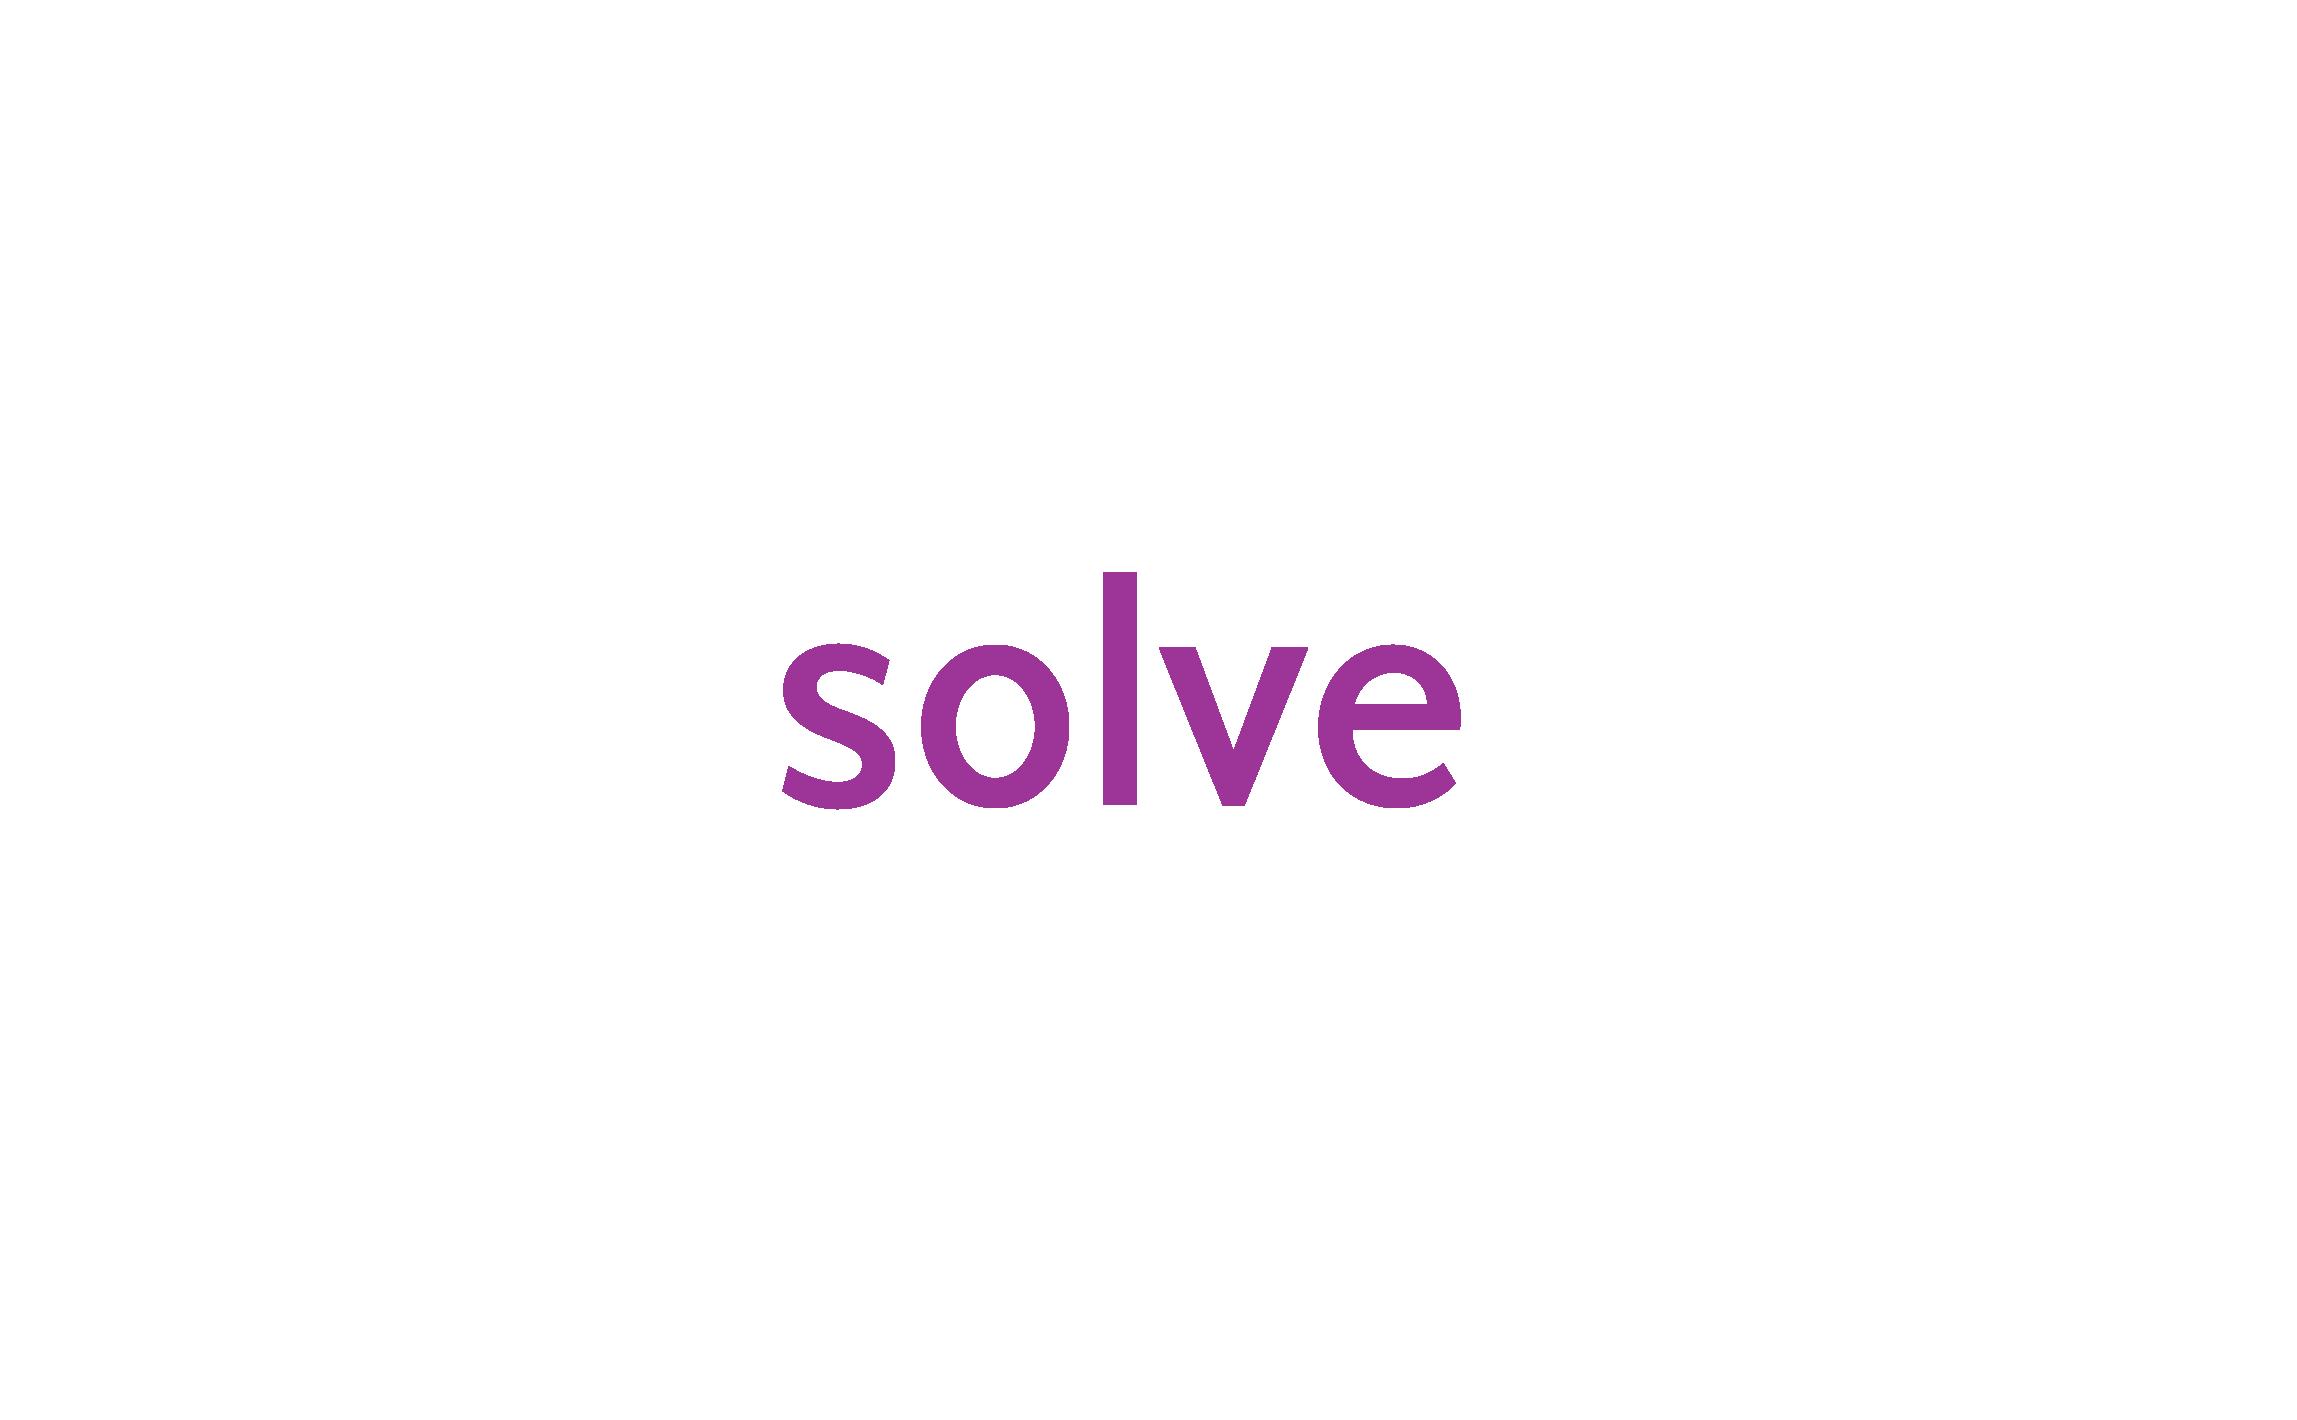 solve-JDsite-01-01.png